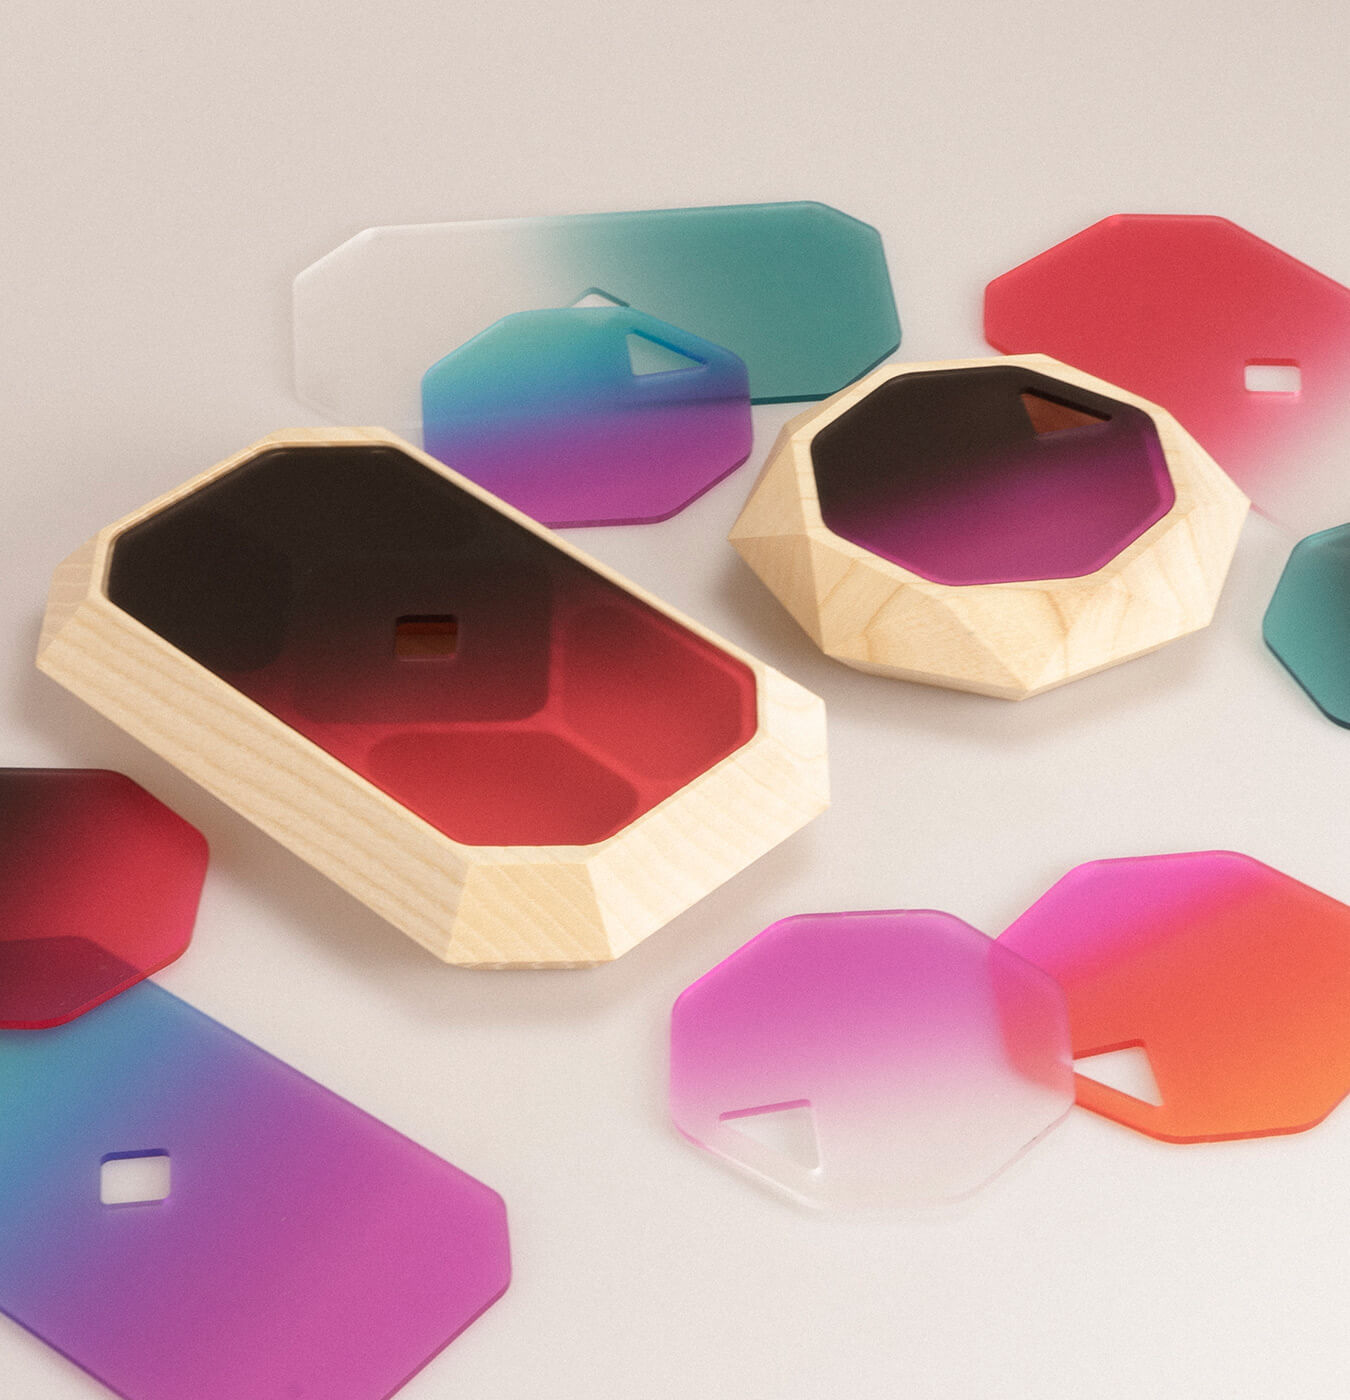 Portagioie in legno massiccio di frassino con coperchio in plexiglass sfumatura colorata